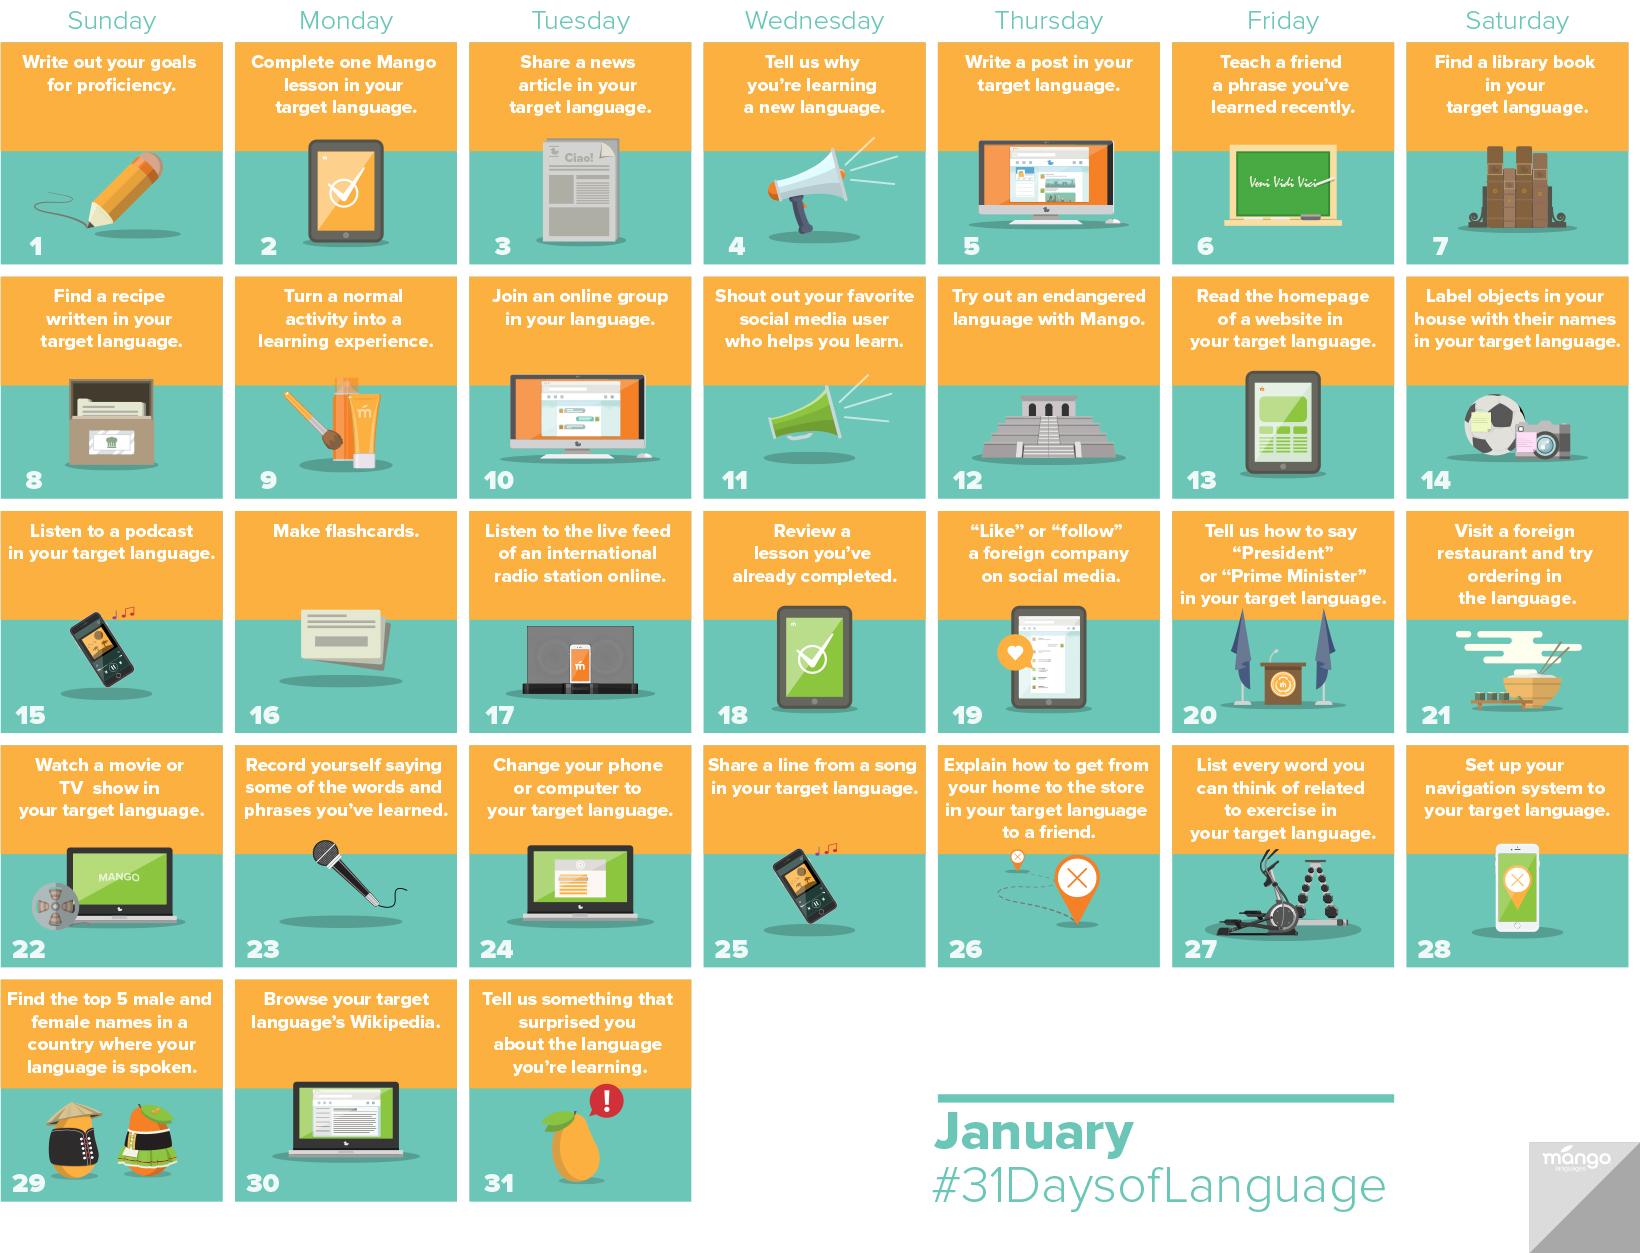 The Mango Languages 31 Days of Language Challenge.